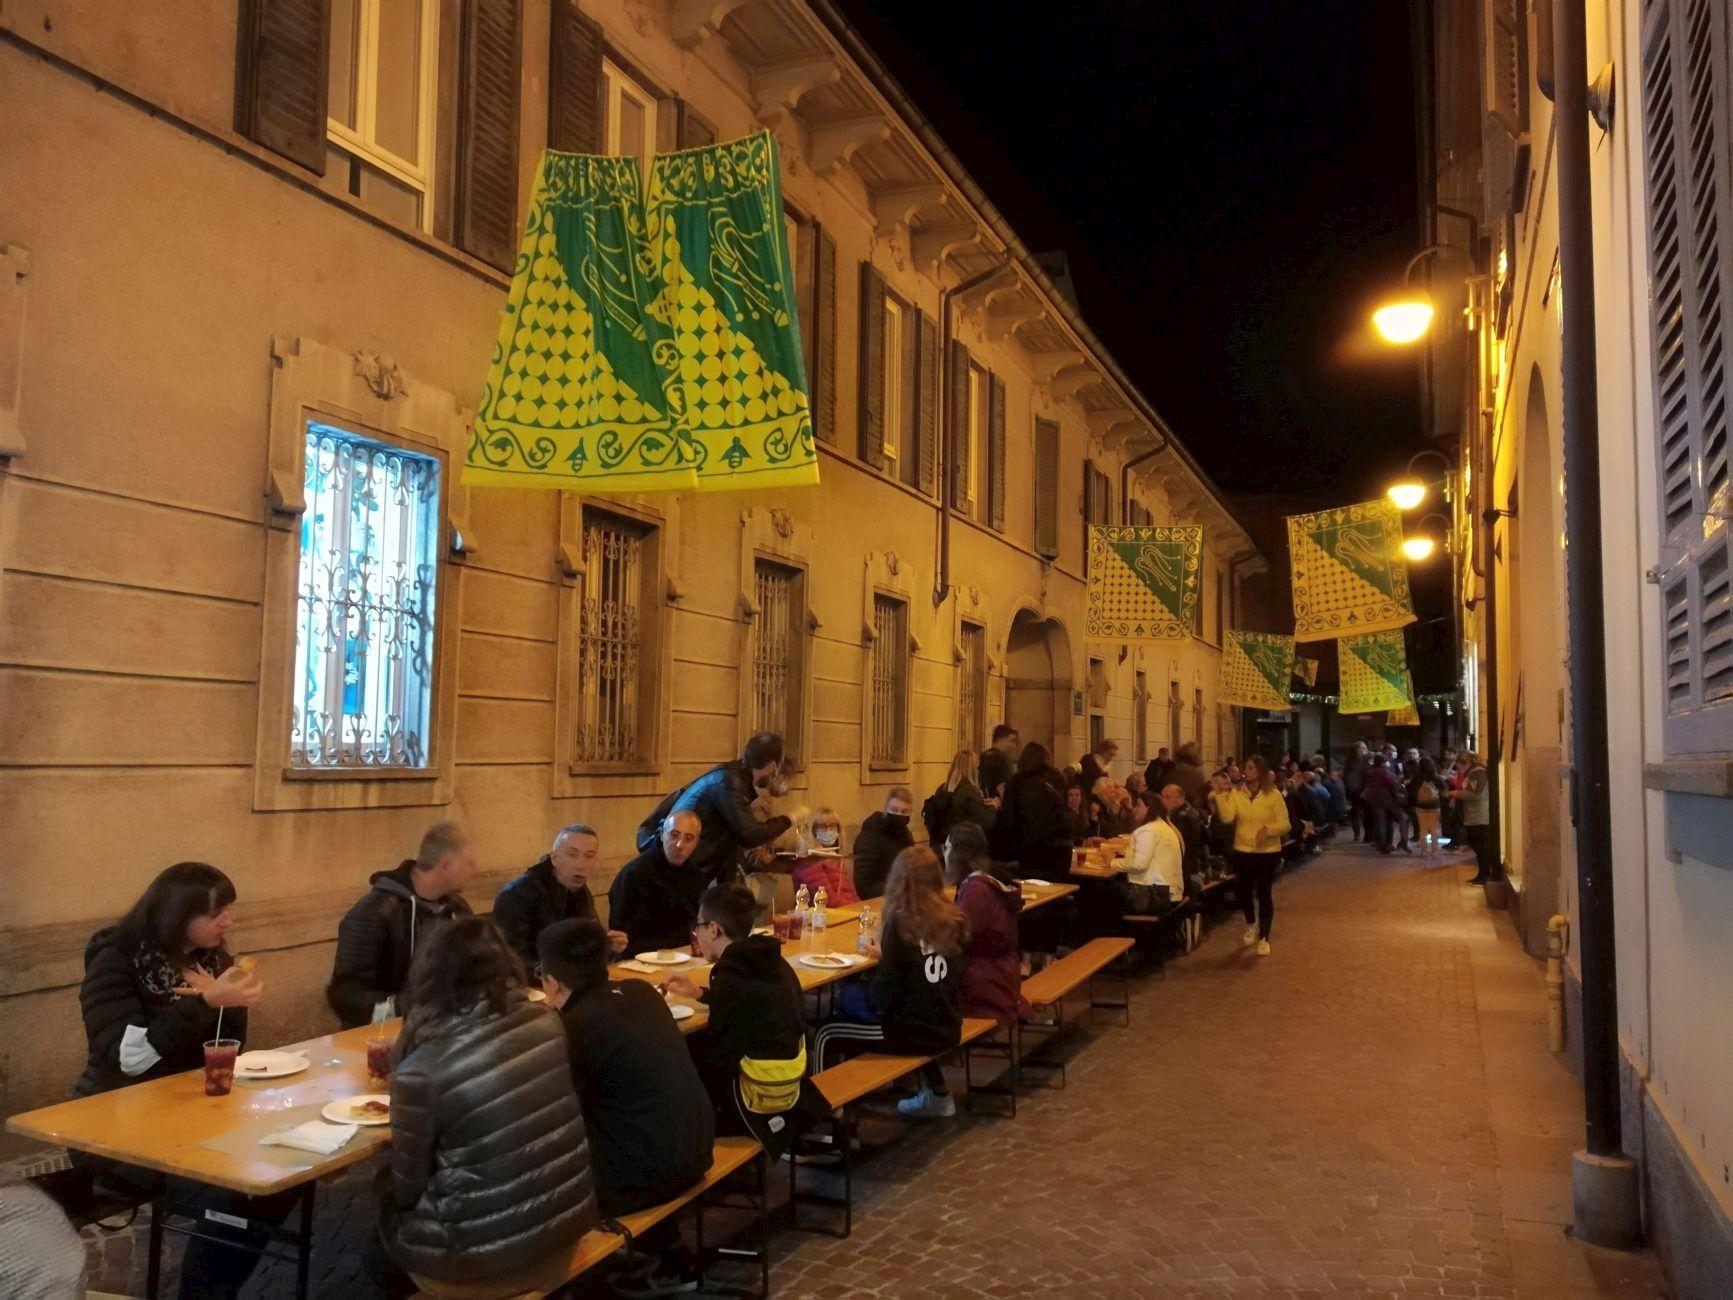 cena-del-borgo-santambrogio-legnano-26-9-20-12.